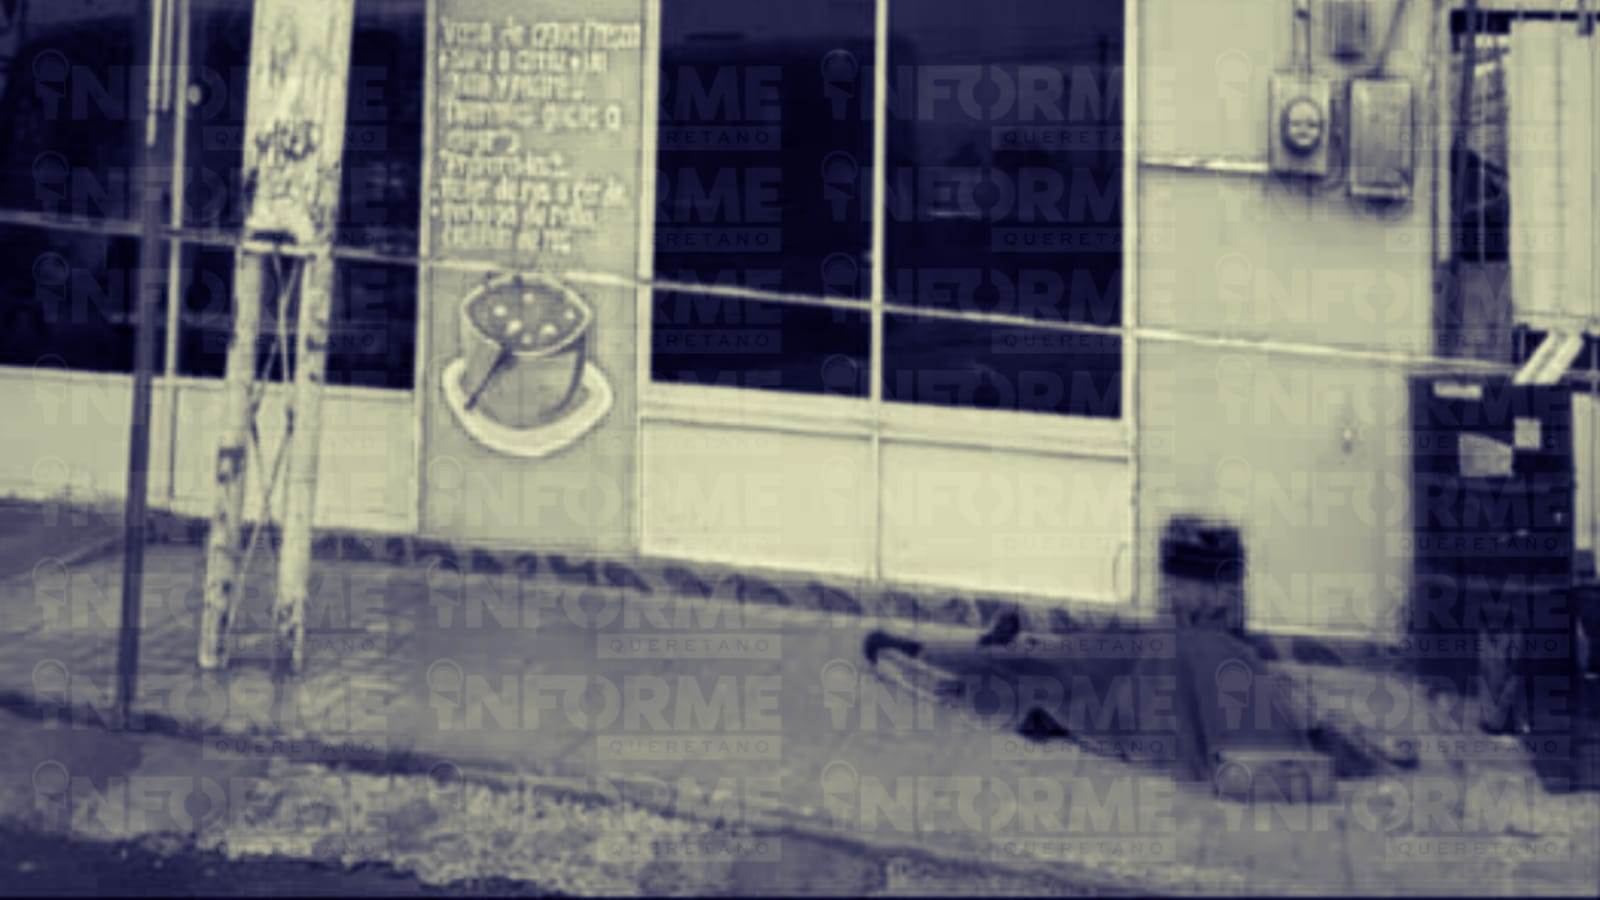 Matan a joven afuera de una fonda en la comunidad Palo Alto; El Marqués